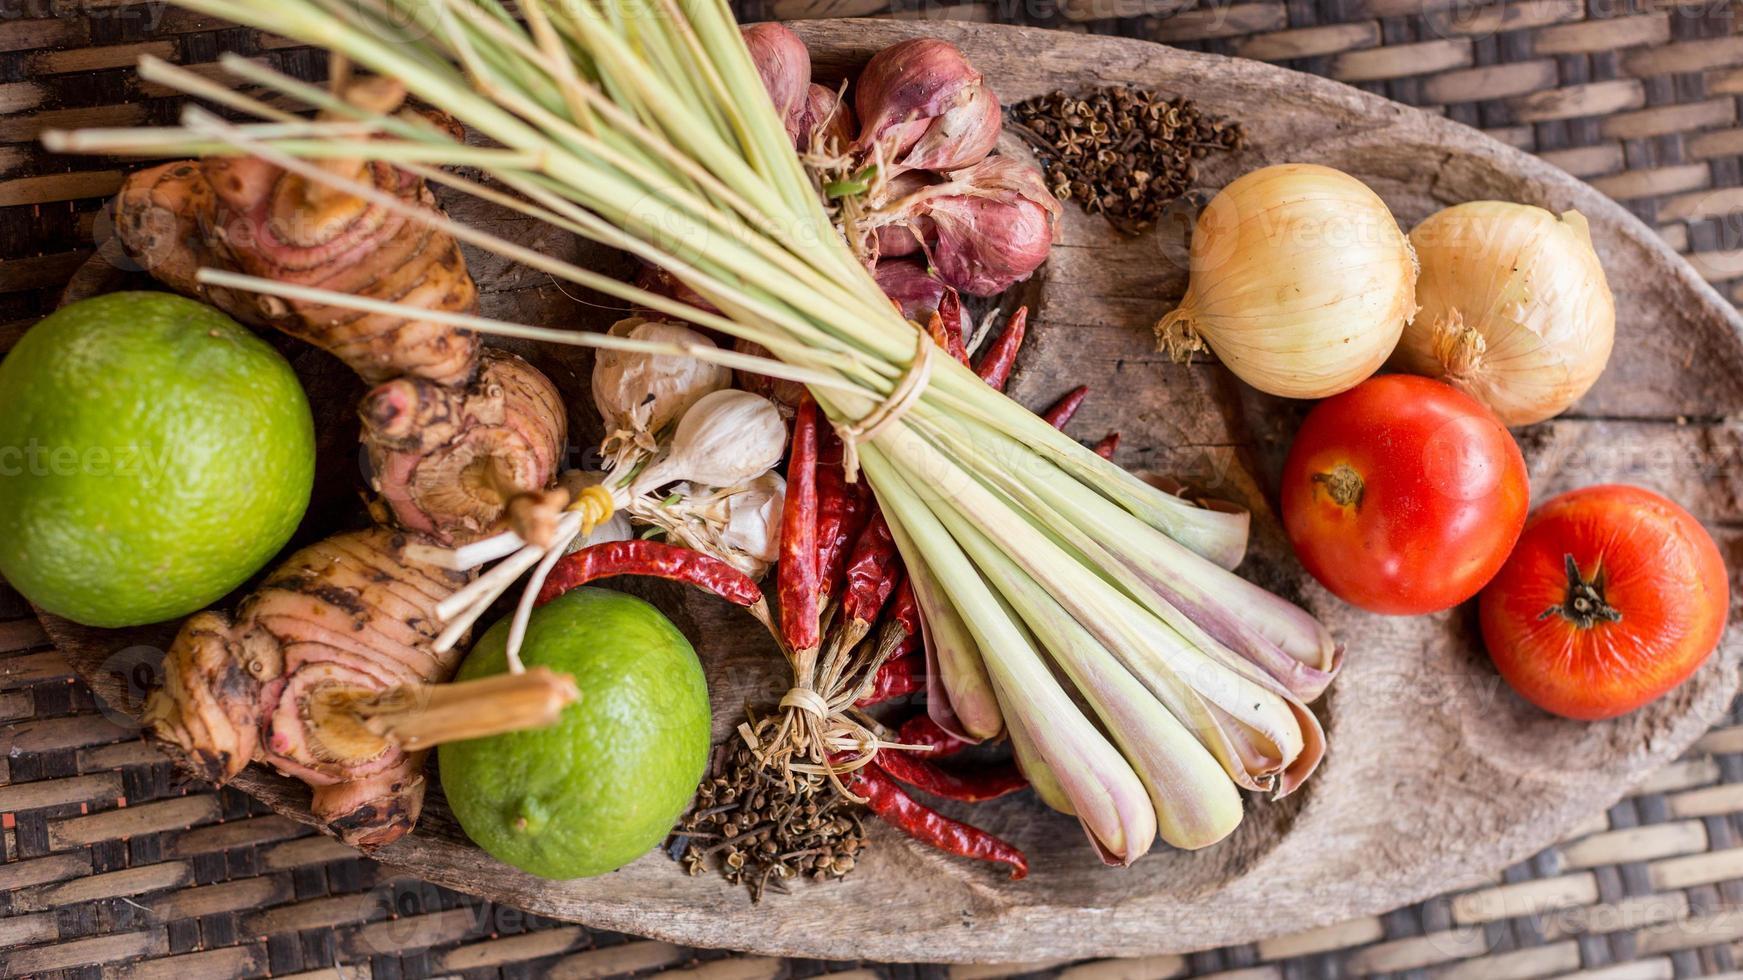 ingrediente de comida tailandesa foto